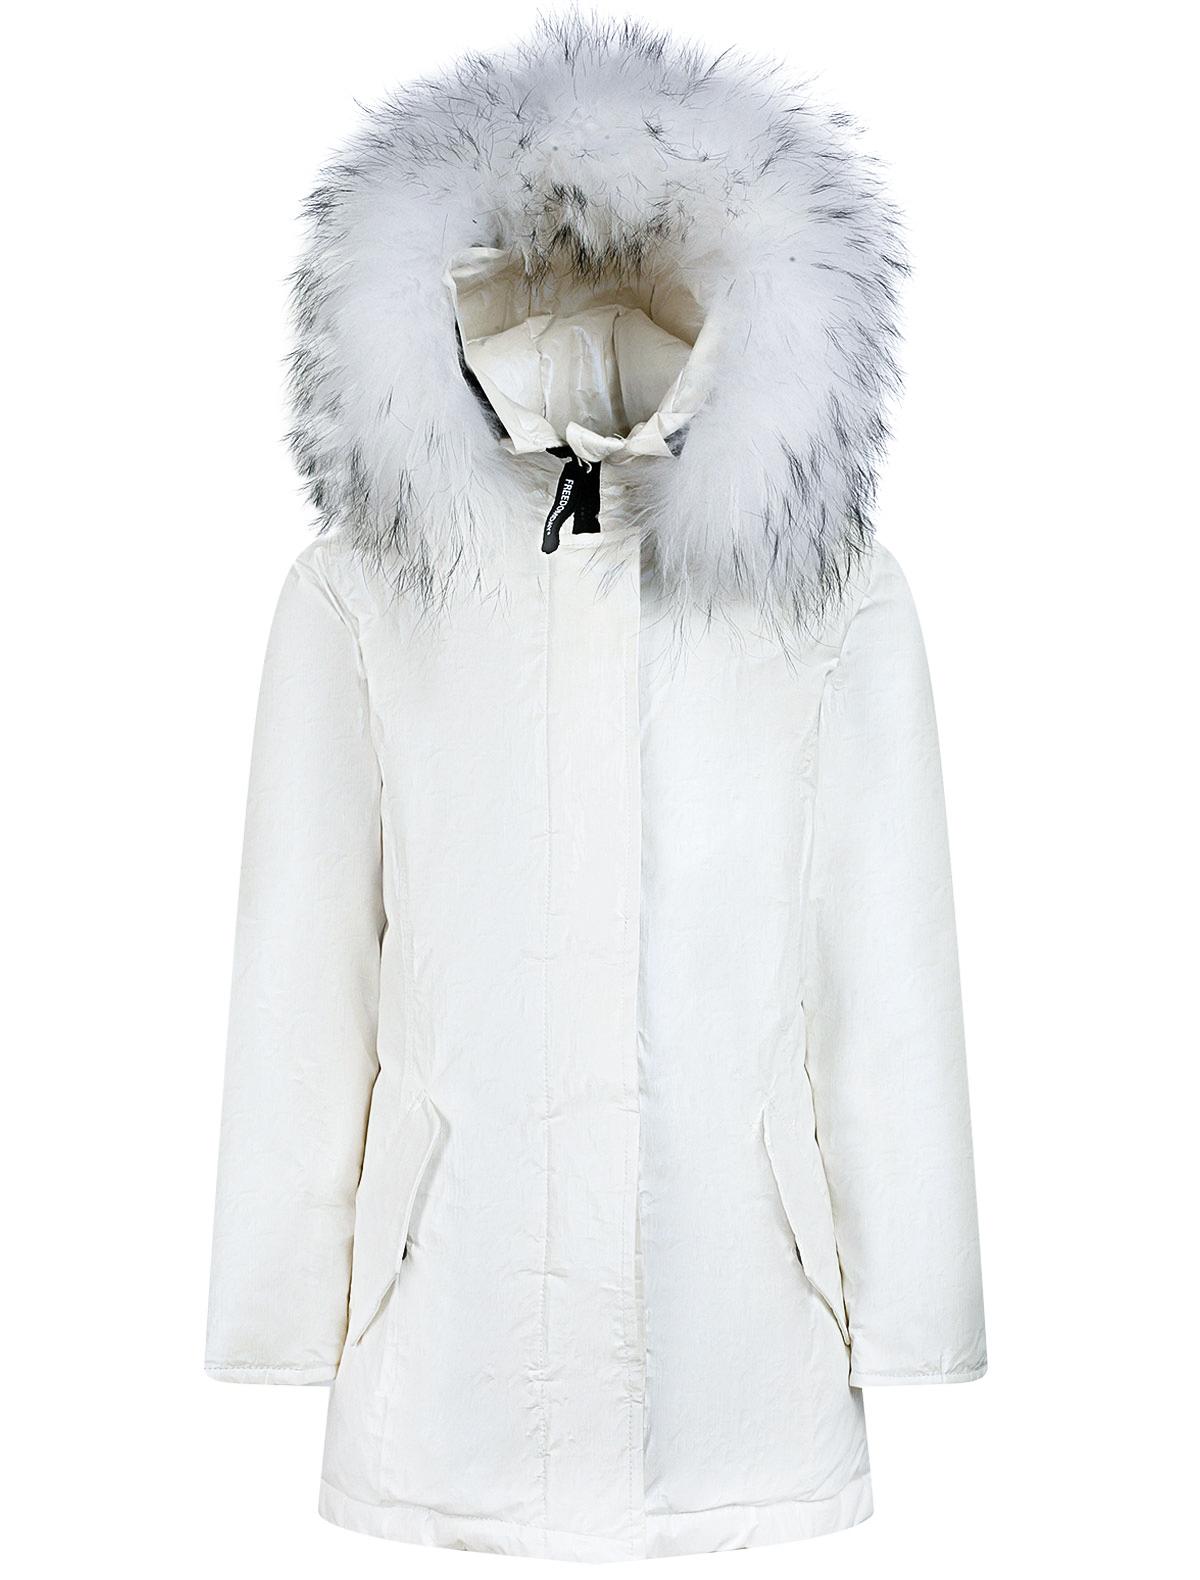 Купить 2243300, Куртка FREEDOMDAY, белый, Женский, 1074509082712